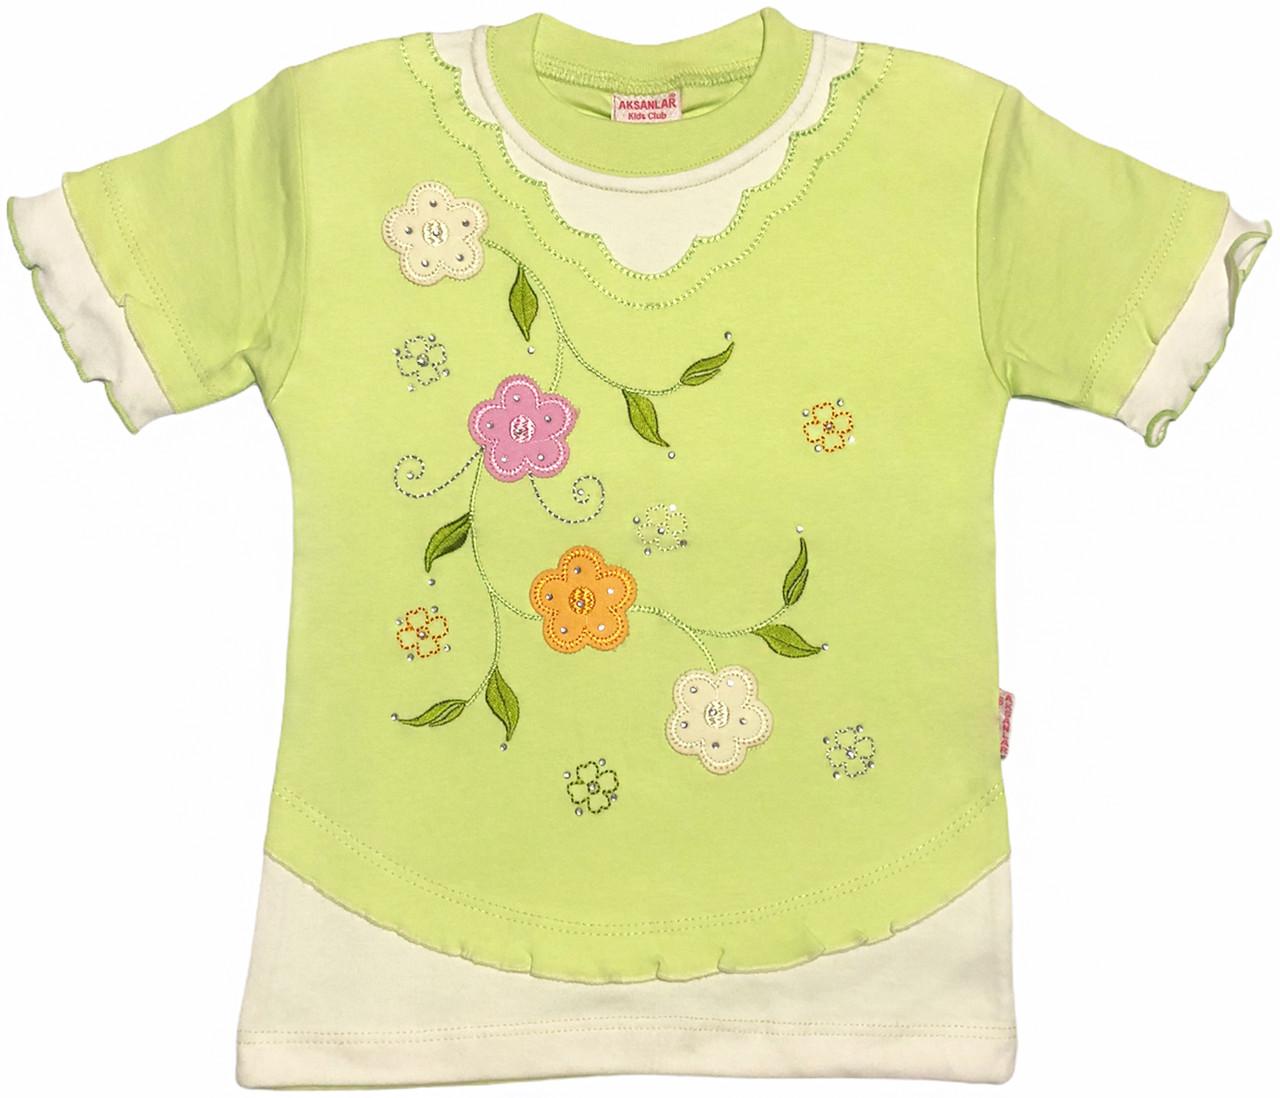 Детская футболка на девочку рост 110 4-5 лет для детей красивая стильная нарядная летняя трикотажная салатовая